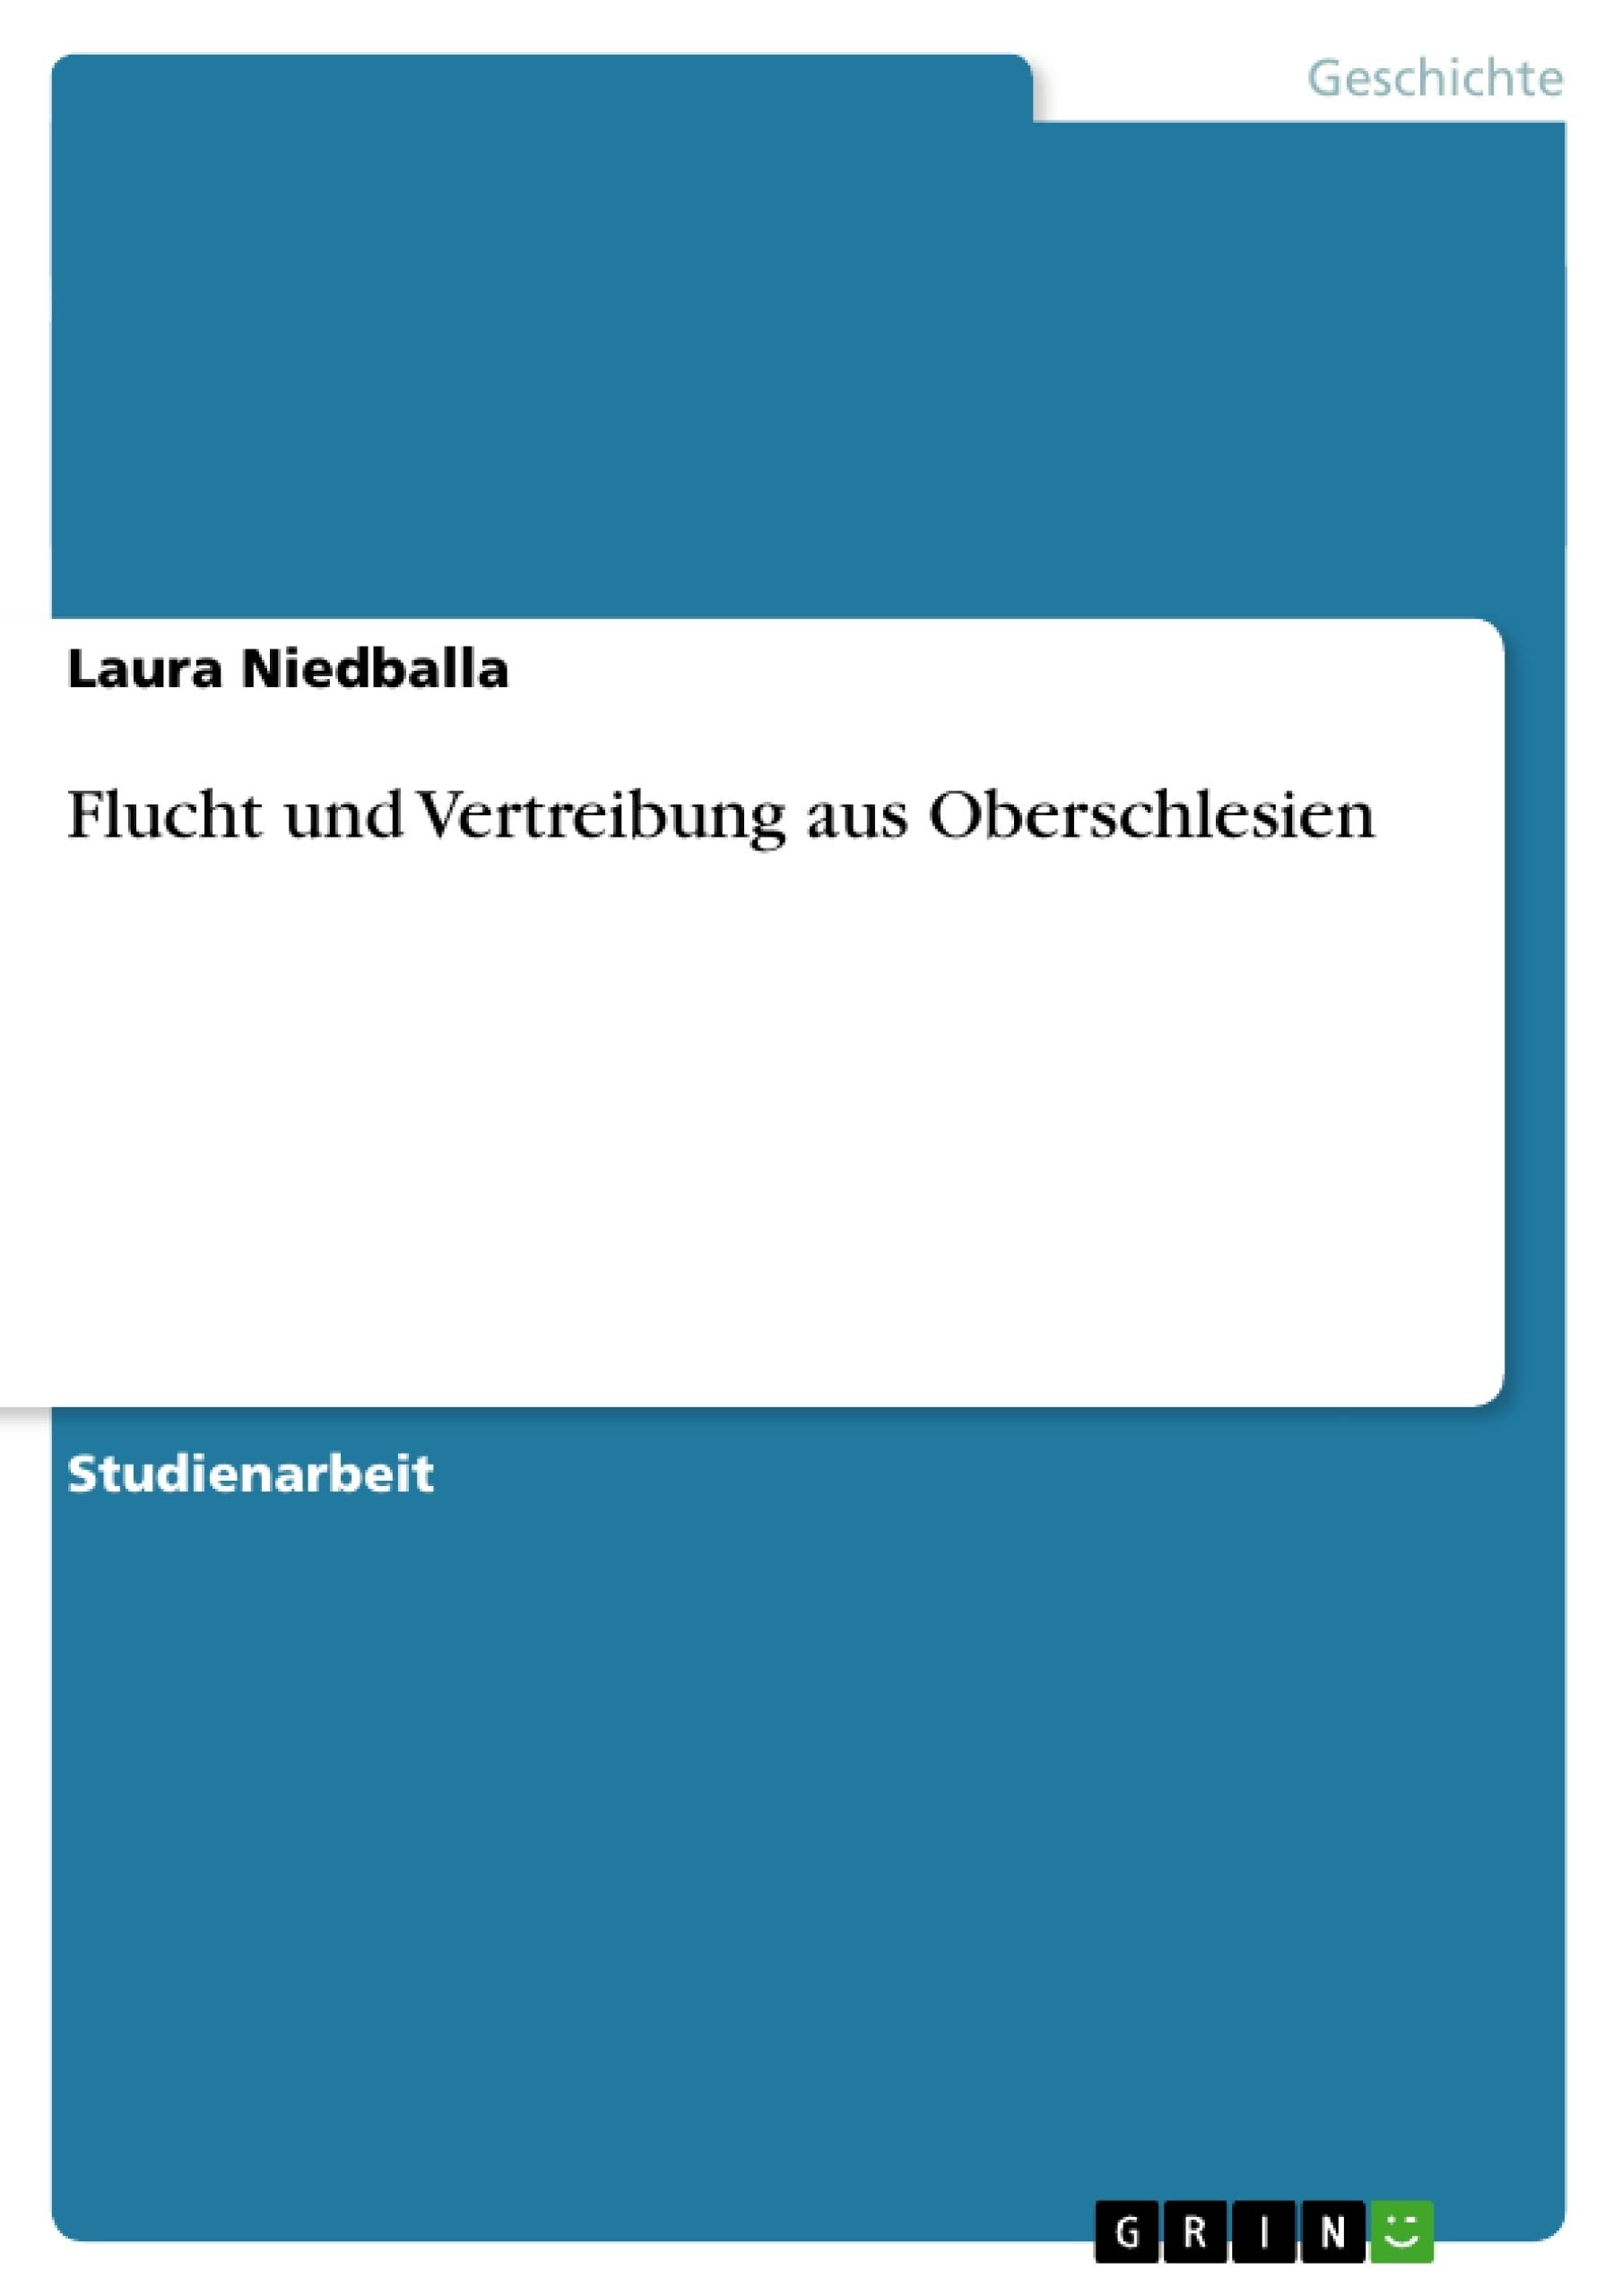 Titel: Flucht und Vertreibung aus Oberschlesien